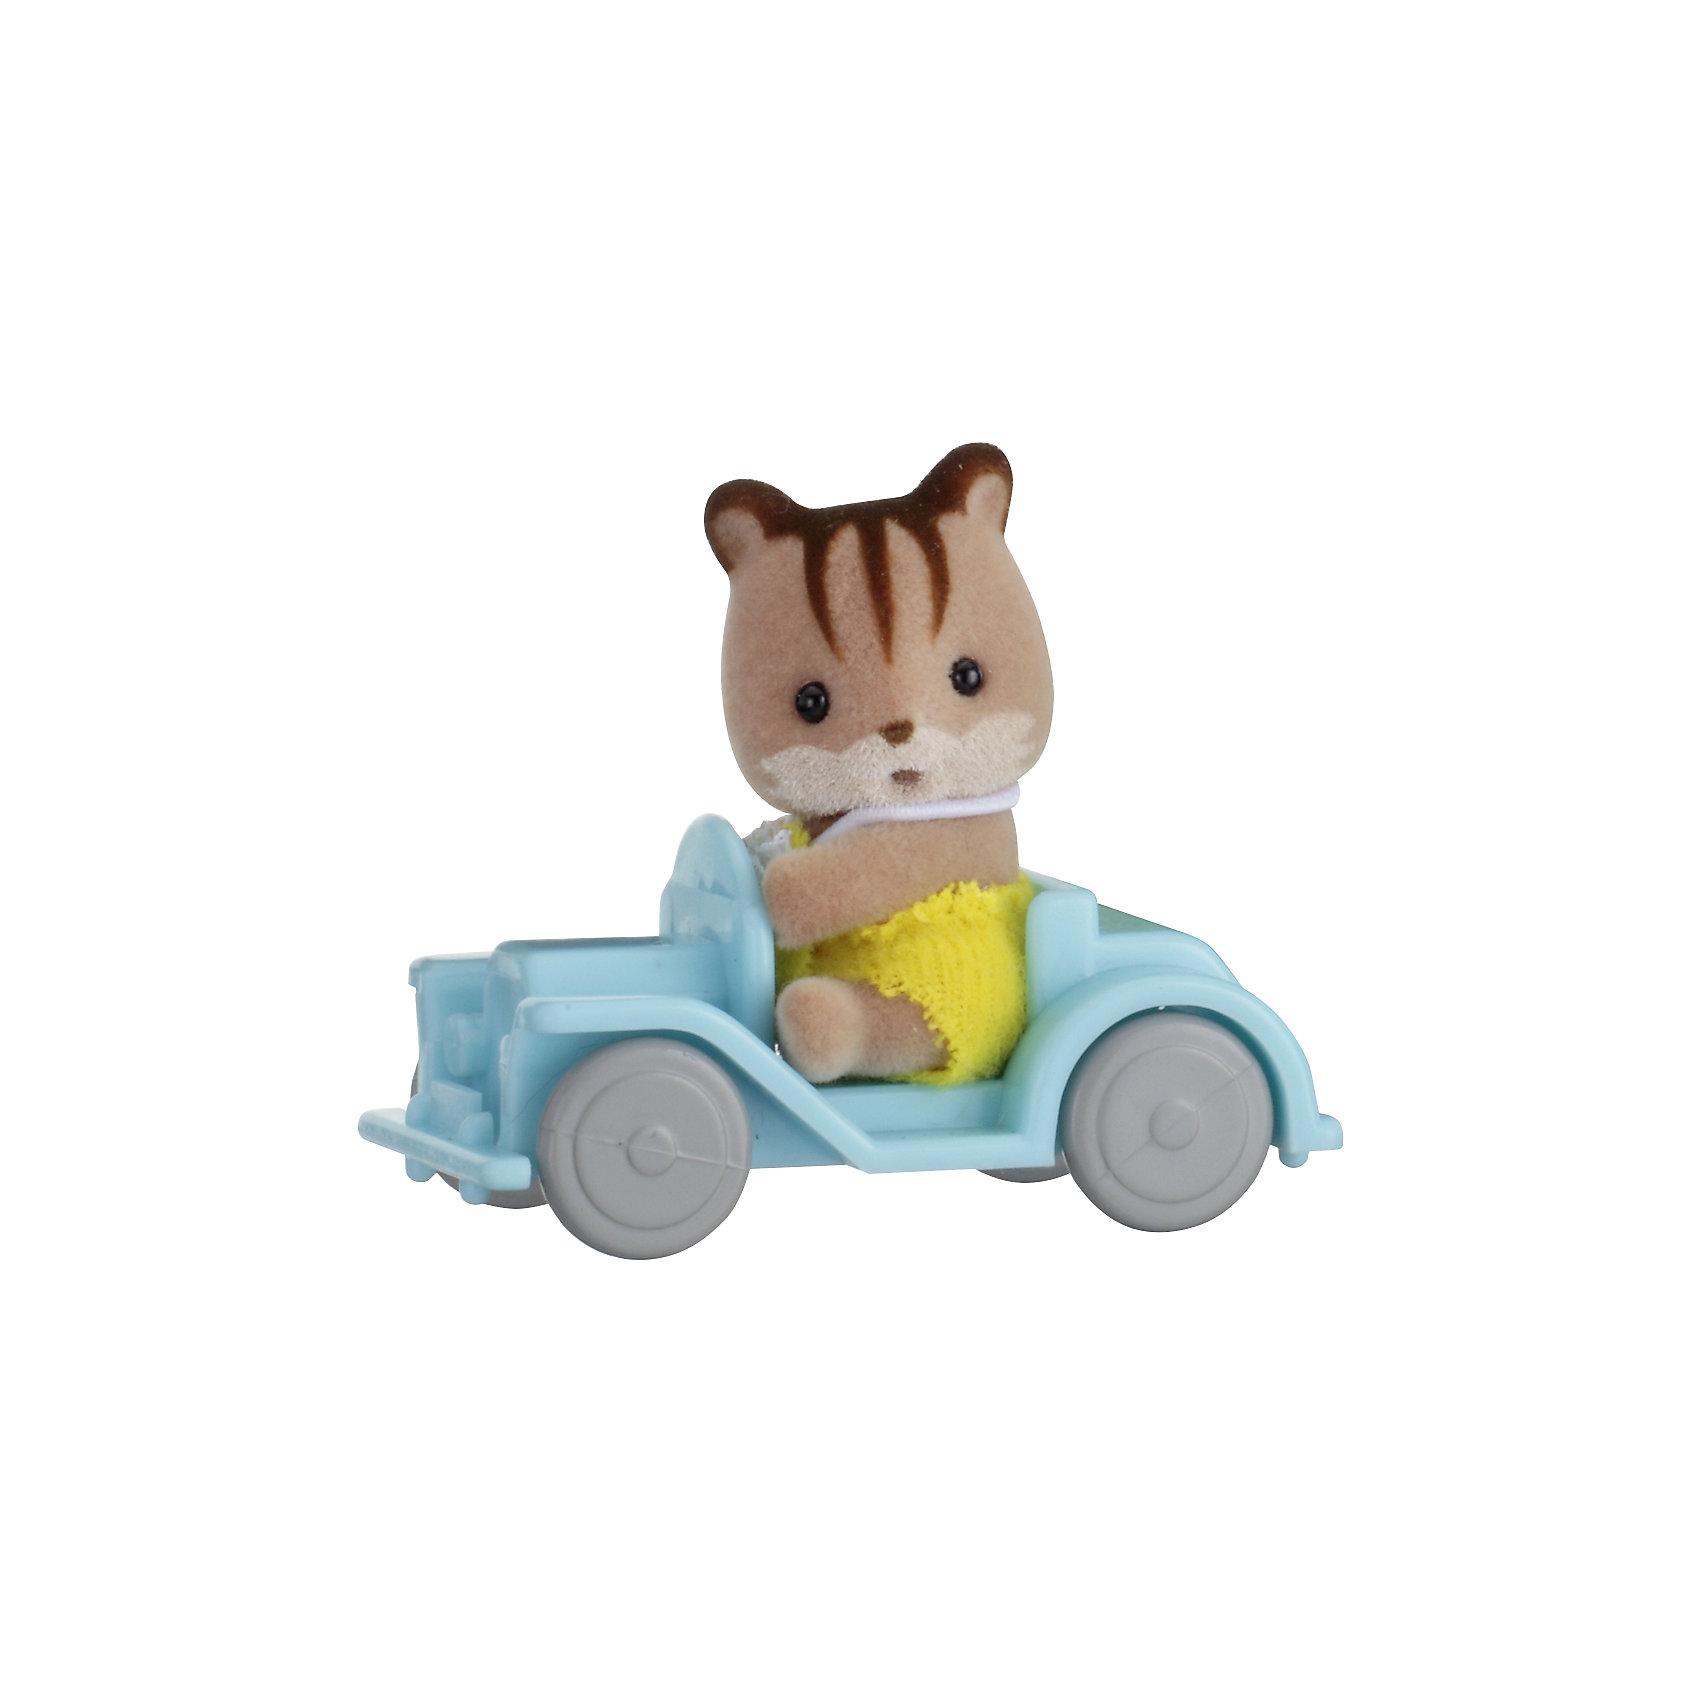 Набор Младенец в пластиковом сундучке  (бельчонок на машине), Sylvanian FamiliesSylvanian Families<br>Sylvanian Families (Сильваниан Фэмилис) - целый мир, в котором живут маленькие милые зверята -  кролики, белки, медведи, лисы и многие другие. У каждого из них есть дом. Познакомься с малышом-кроликом, он еще совсем маленький и так нуждается в твоей заботе. Поиграй с ним и покатай его на машинке. Игрушка прекрасно подходит для сюжетно-ролевых игр детей, развивает социальные навыки, мелкую моторику и воображение. Все детали набора выполнены их высококачественных, нетоксичных безопасных материалов. <br><br>Дополнительная информация:<br><br>- Комплектация: малыш-бельчонок, машина.<br>- Материал: пластик, текстиль, флок.<br>- Голова и лапки поворачиваются.<br><br>Набор Младенец в пластиковом сундучке  (бельчонок на машине), Sylvanian Families (Сильваниан Фэмилис), можно купить в нашем магазине.<br><br>Ширина мм: 275<br>Глубина мм: 267<br>Высота мм: 512<br>Вес г: 120<br>Возраст от месяцев: 36<br>Возраст до месяцев: 72<br>Пол: Женский<br>Возраст: Детский<br>SKU: 4177968